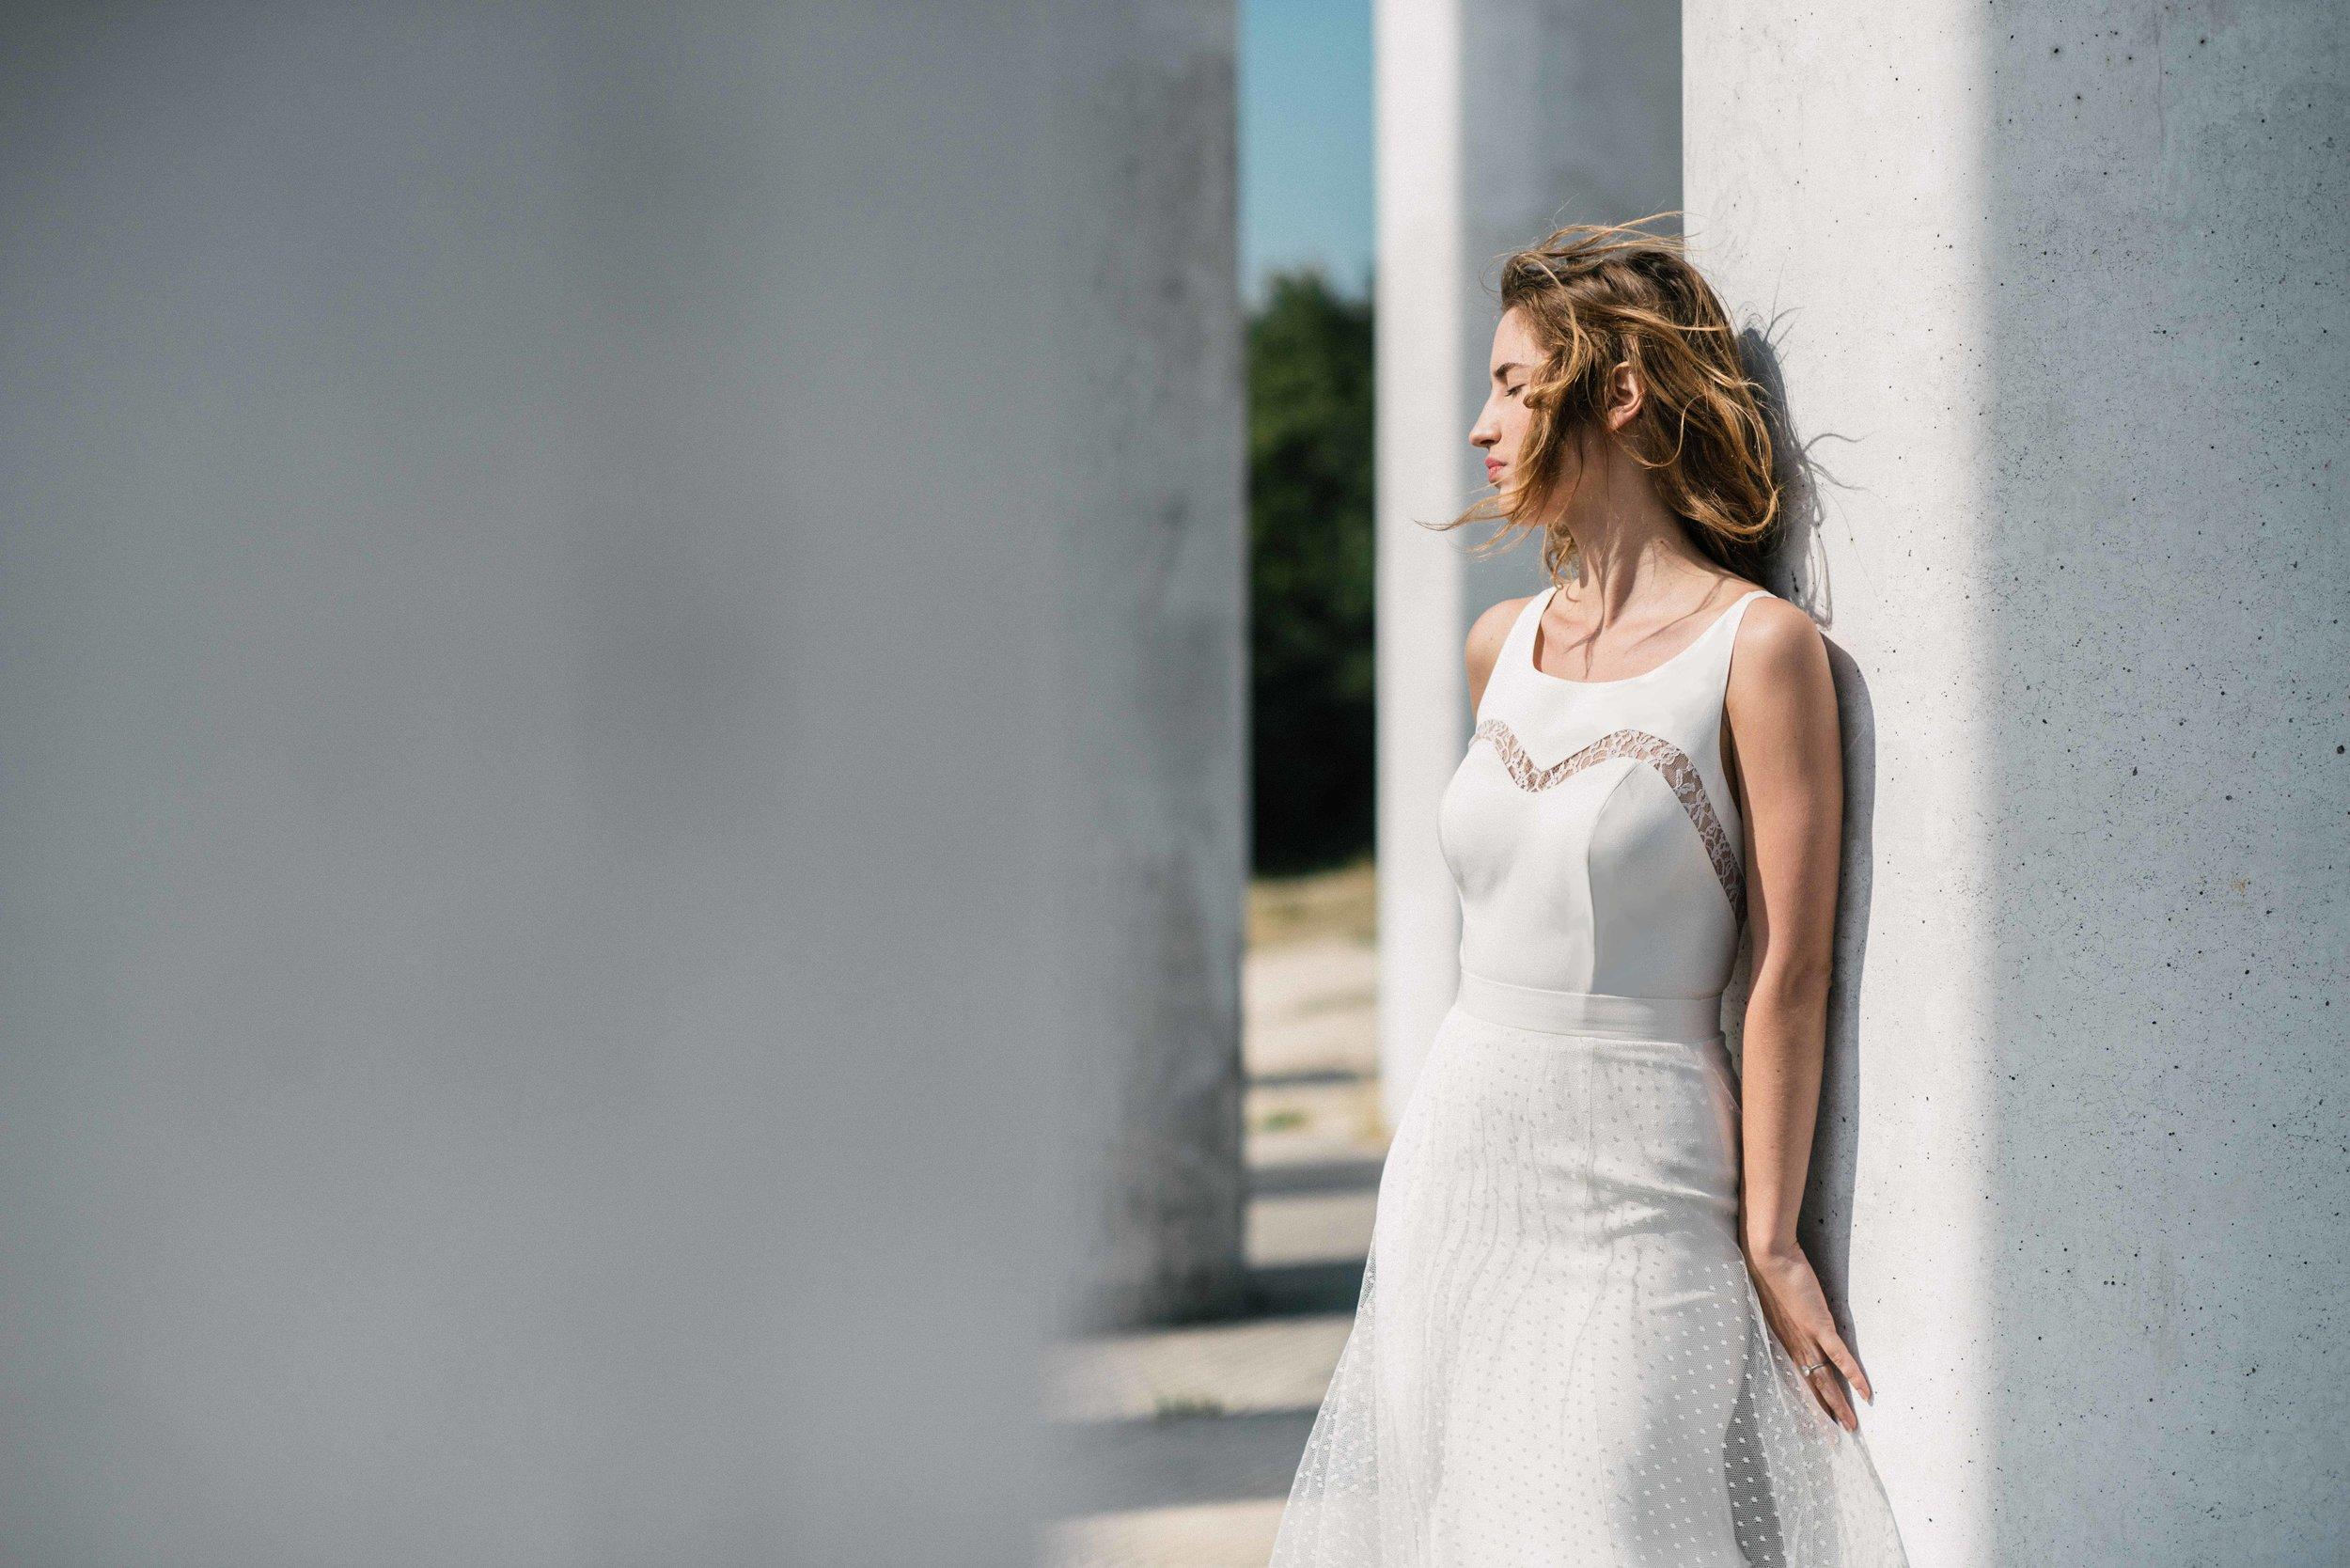 4.Margot-mademoiselledeguise-weddingdress-robedemariee-paris-cejourla3.jpg